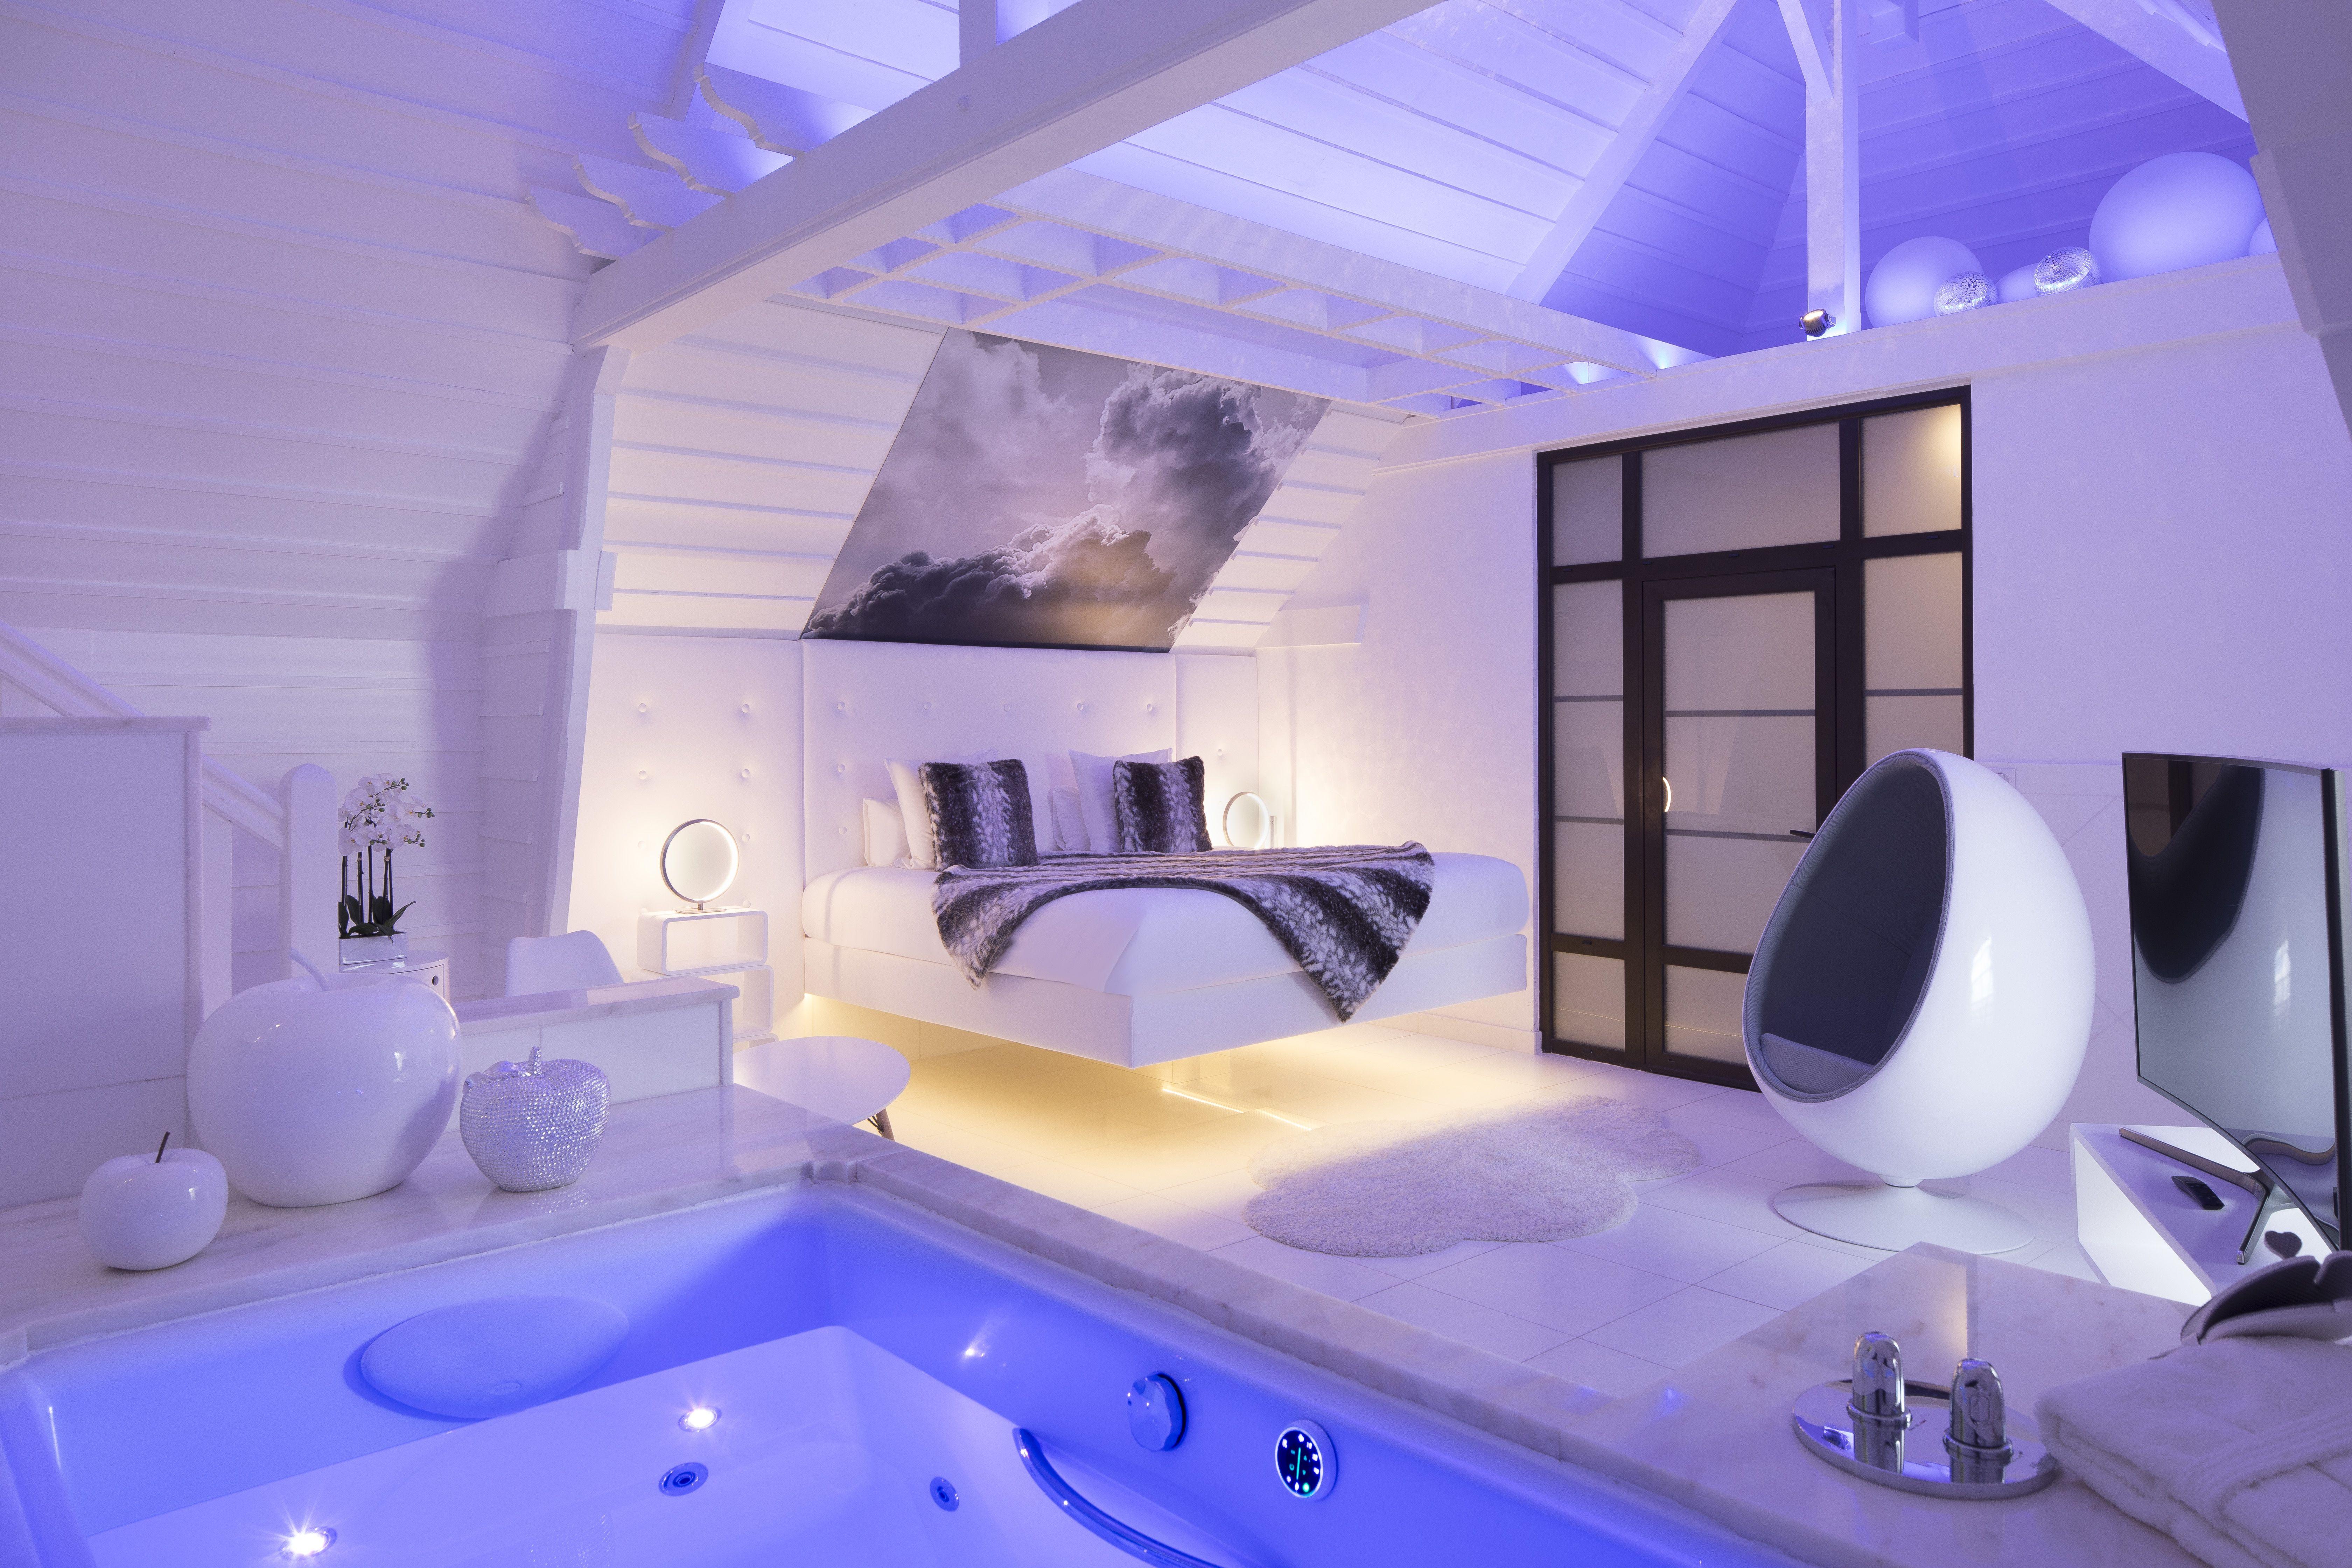 Design Levitation La Tete Dans Les Nuages Coton Spa Hotel Chambre Traditionnelle